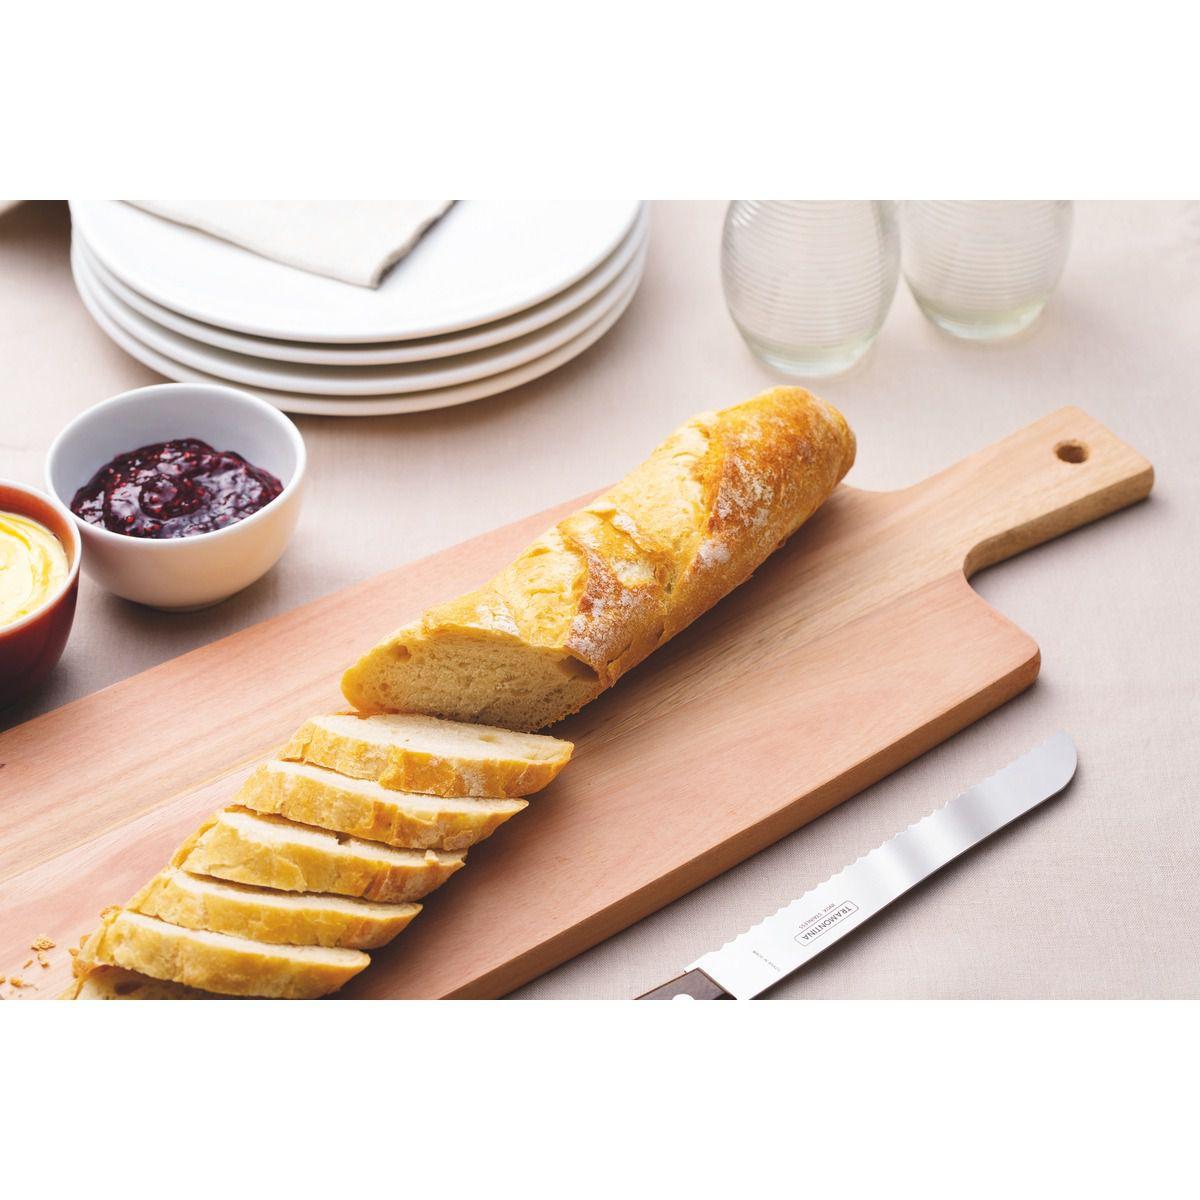 Tábua Tramontina para Pão em Madeira Eucalipto com Cabo e Furo 48x19 cm 13279/292 | Lojas Estrela